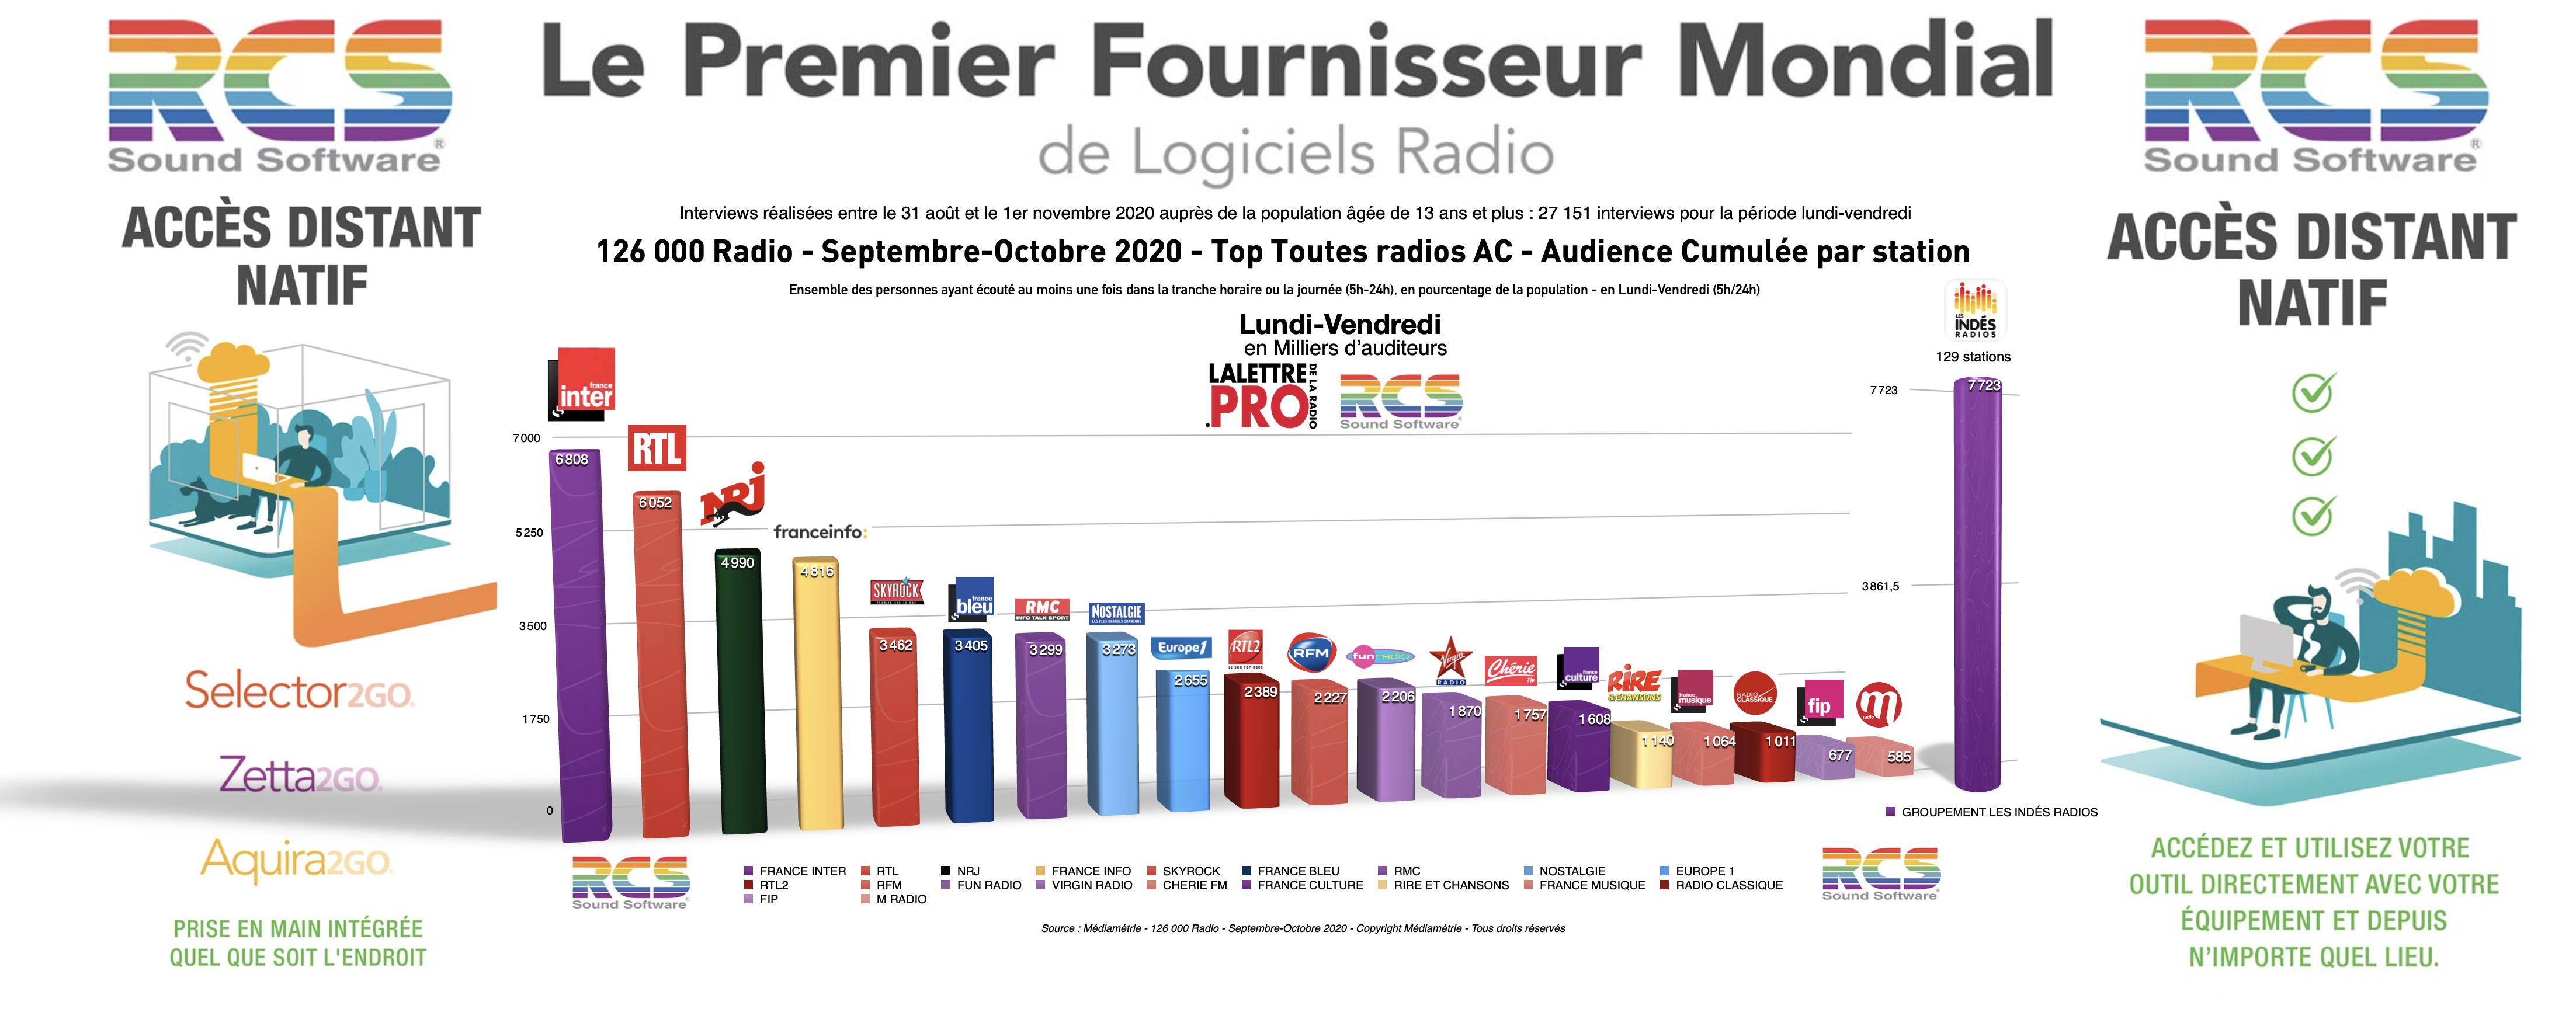 Diagramme exclusif LLP/RCS - TOP 20 radios en Lundi-Vendredi - 126 000 Septembre-Octobre 2020